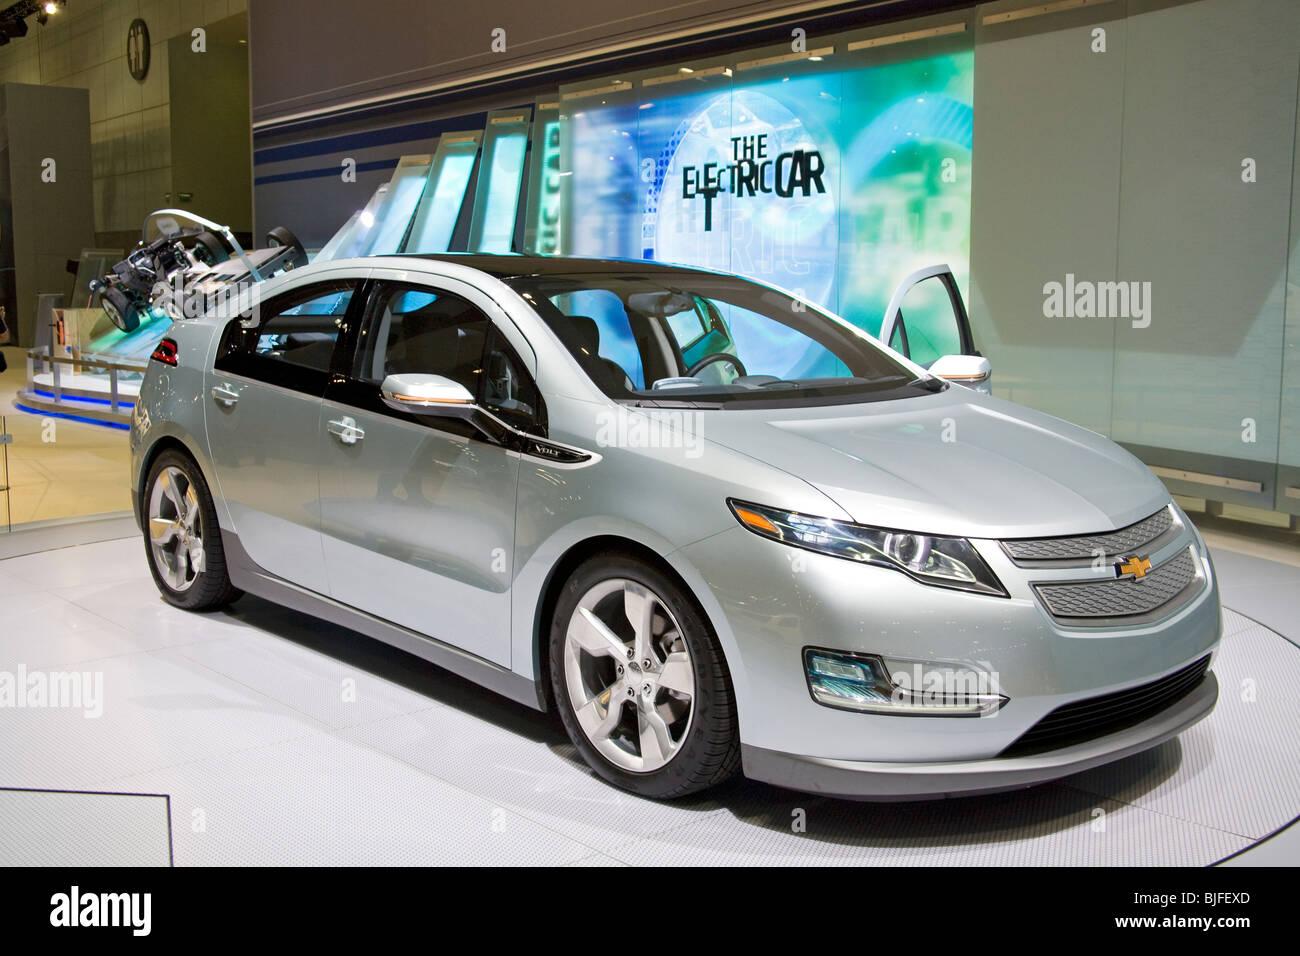 Chevy Volt Stock Photos Images Alamy Car Alternative Fuel Vehicles At 2009 Los Angeles Auto Show La Convention Center